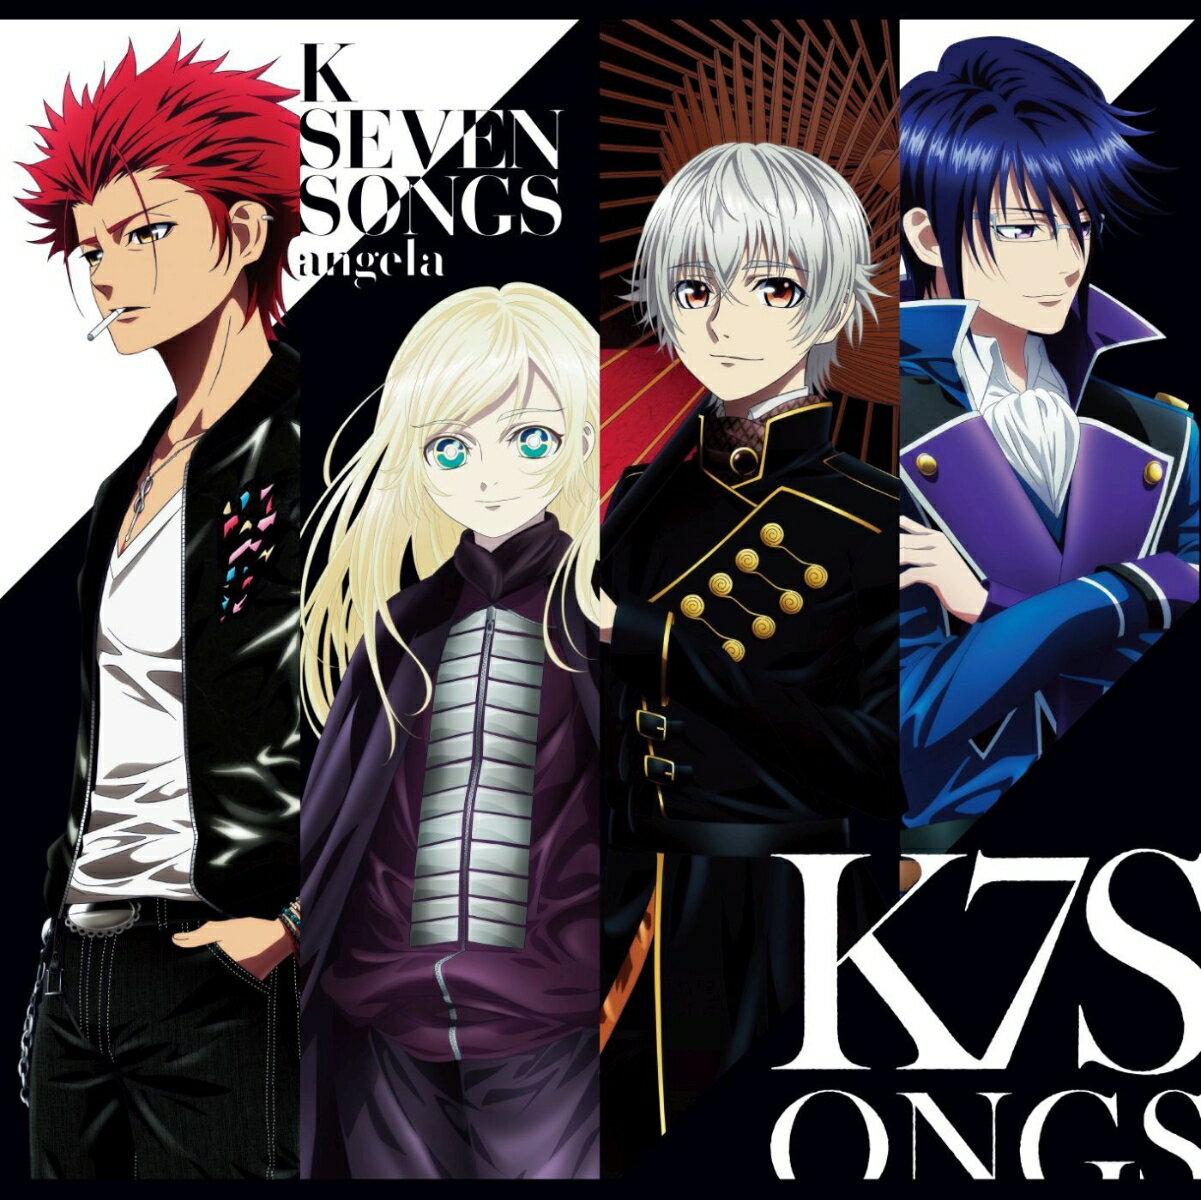 劇場アニメーション「K SEVEN STORIES」ED主題歌集 (CD+Blu-ray)画像